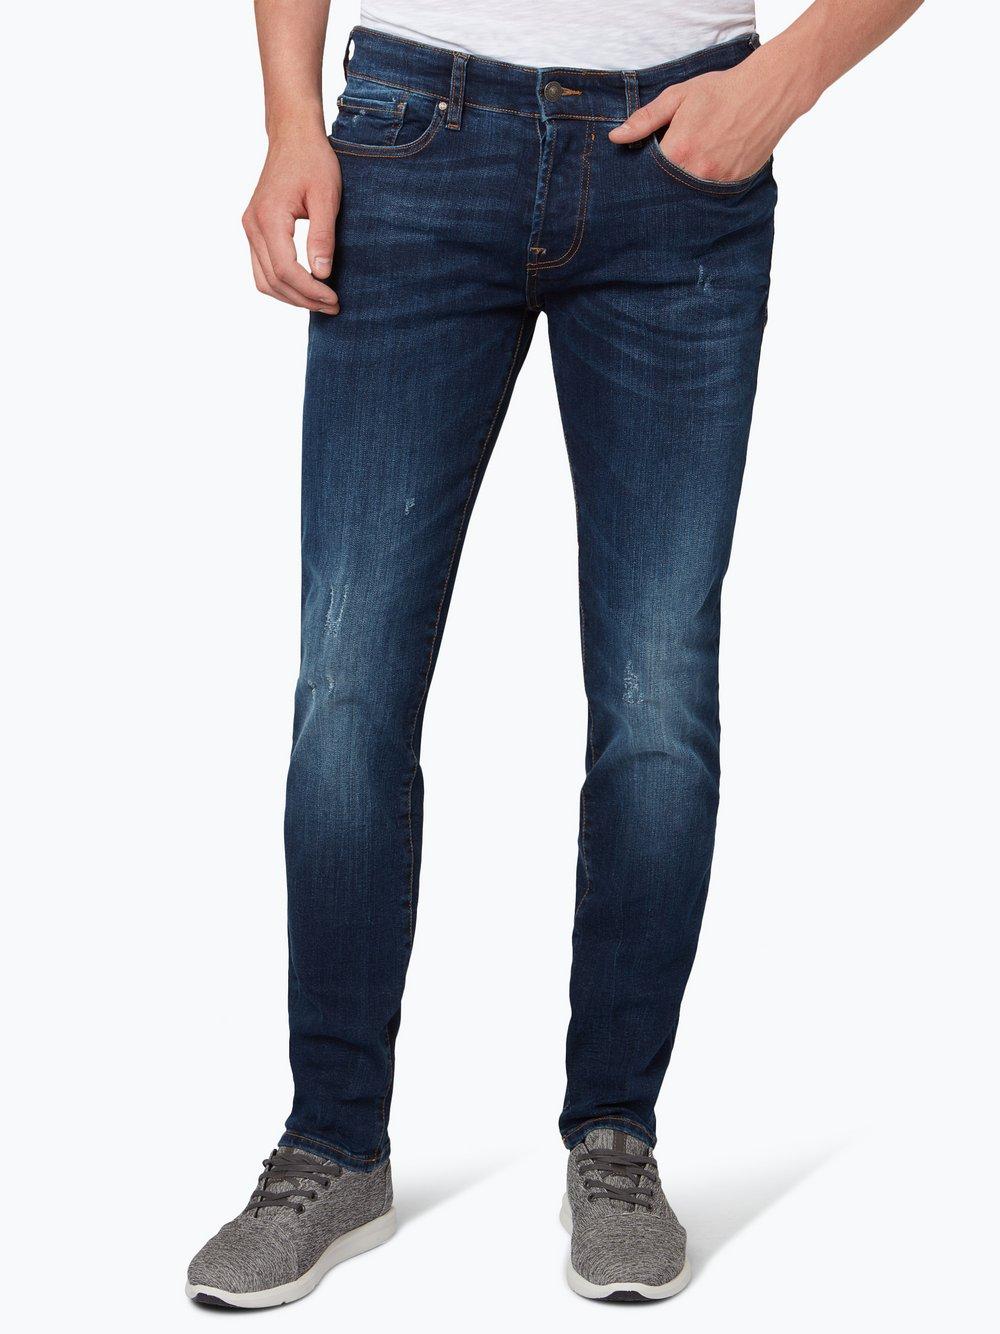 Guess Herren Jeans | ZALANDO